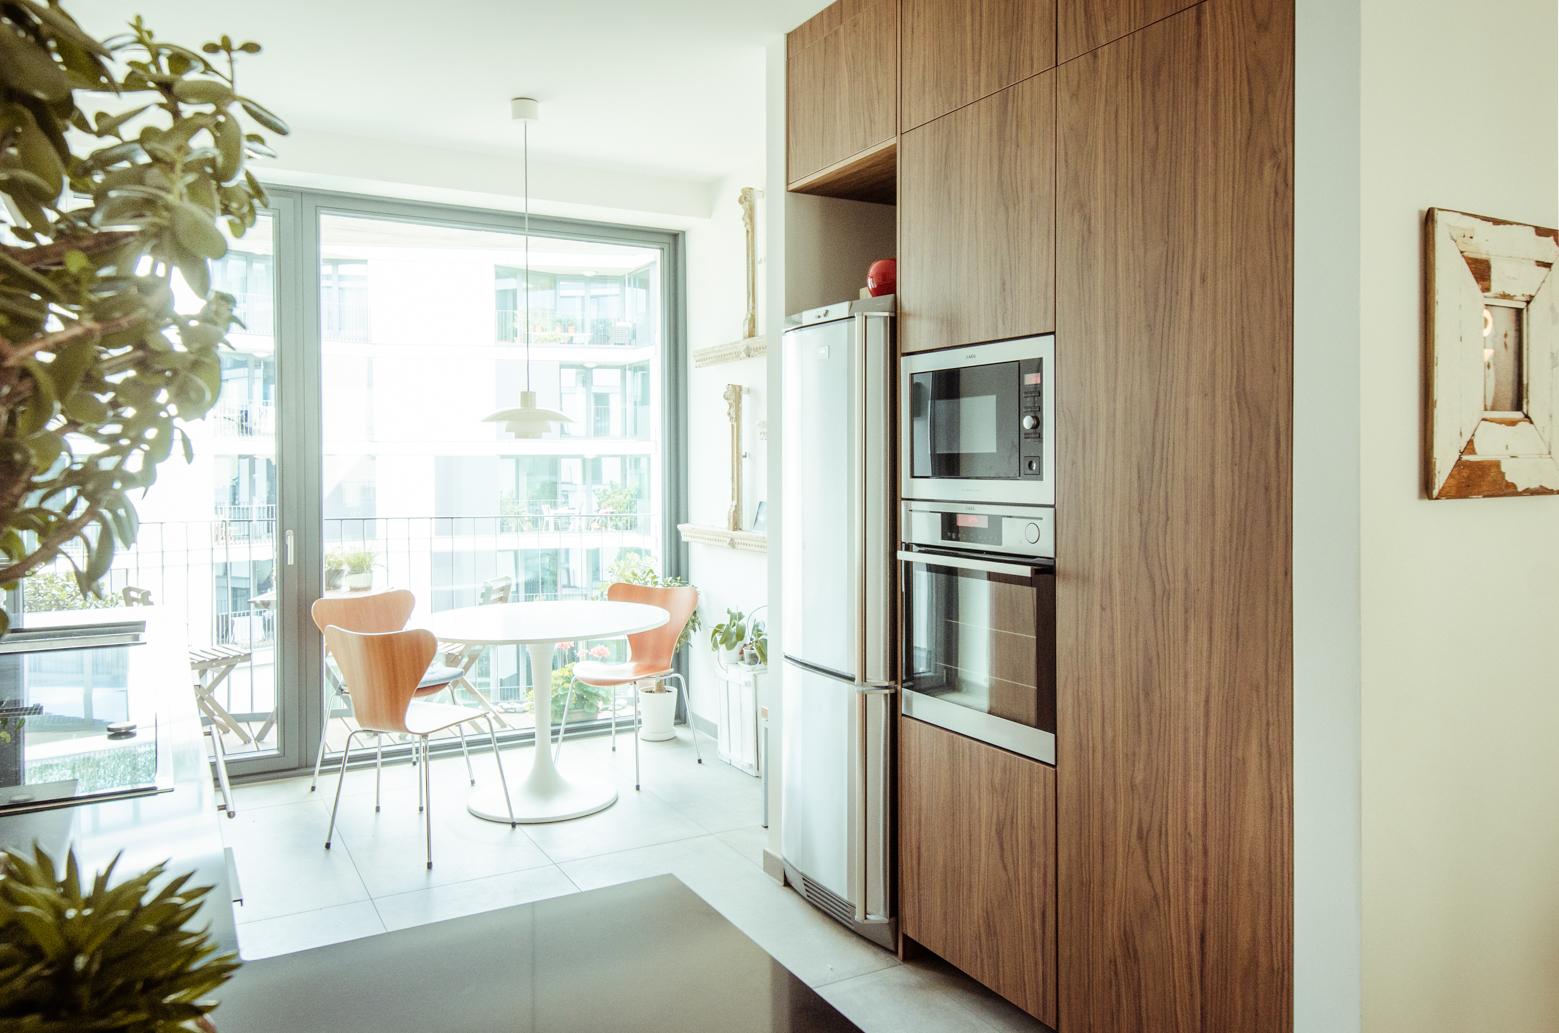 fronten f r ikea metod in nu baum und hellgrau k chenfront 24. Black Bedroom Furniture Sets. Home Design Ideas